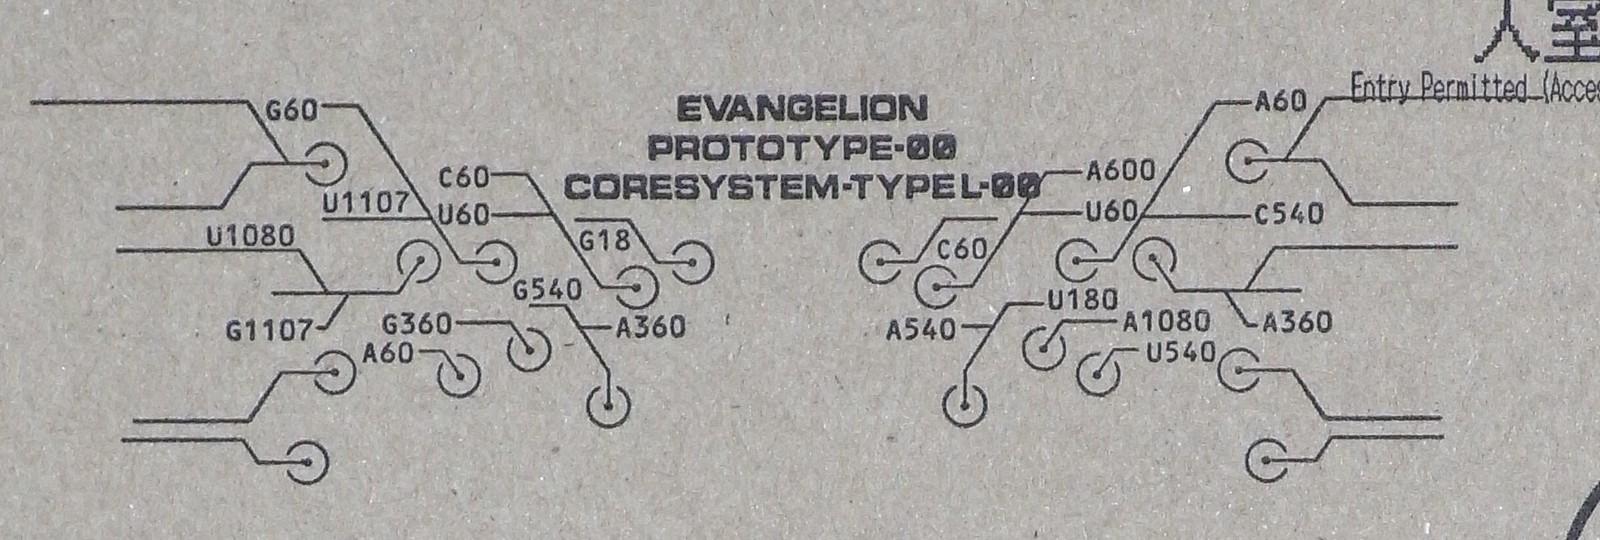 Coresystem